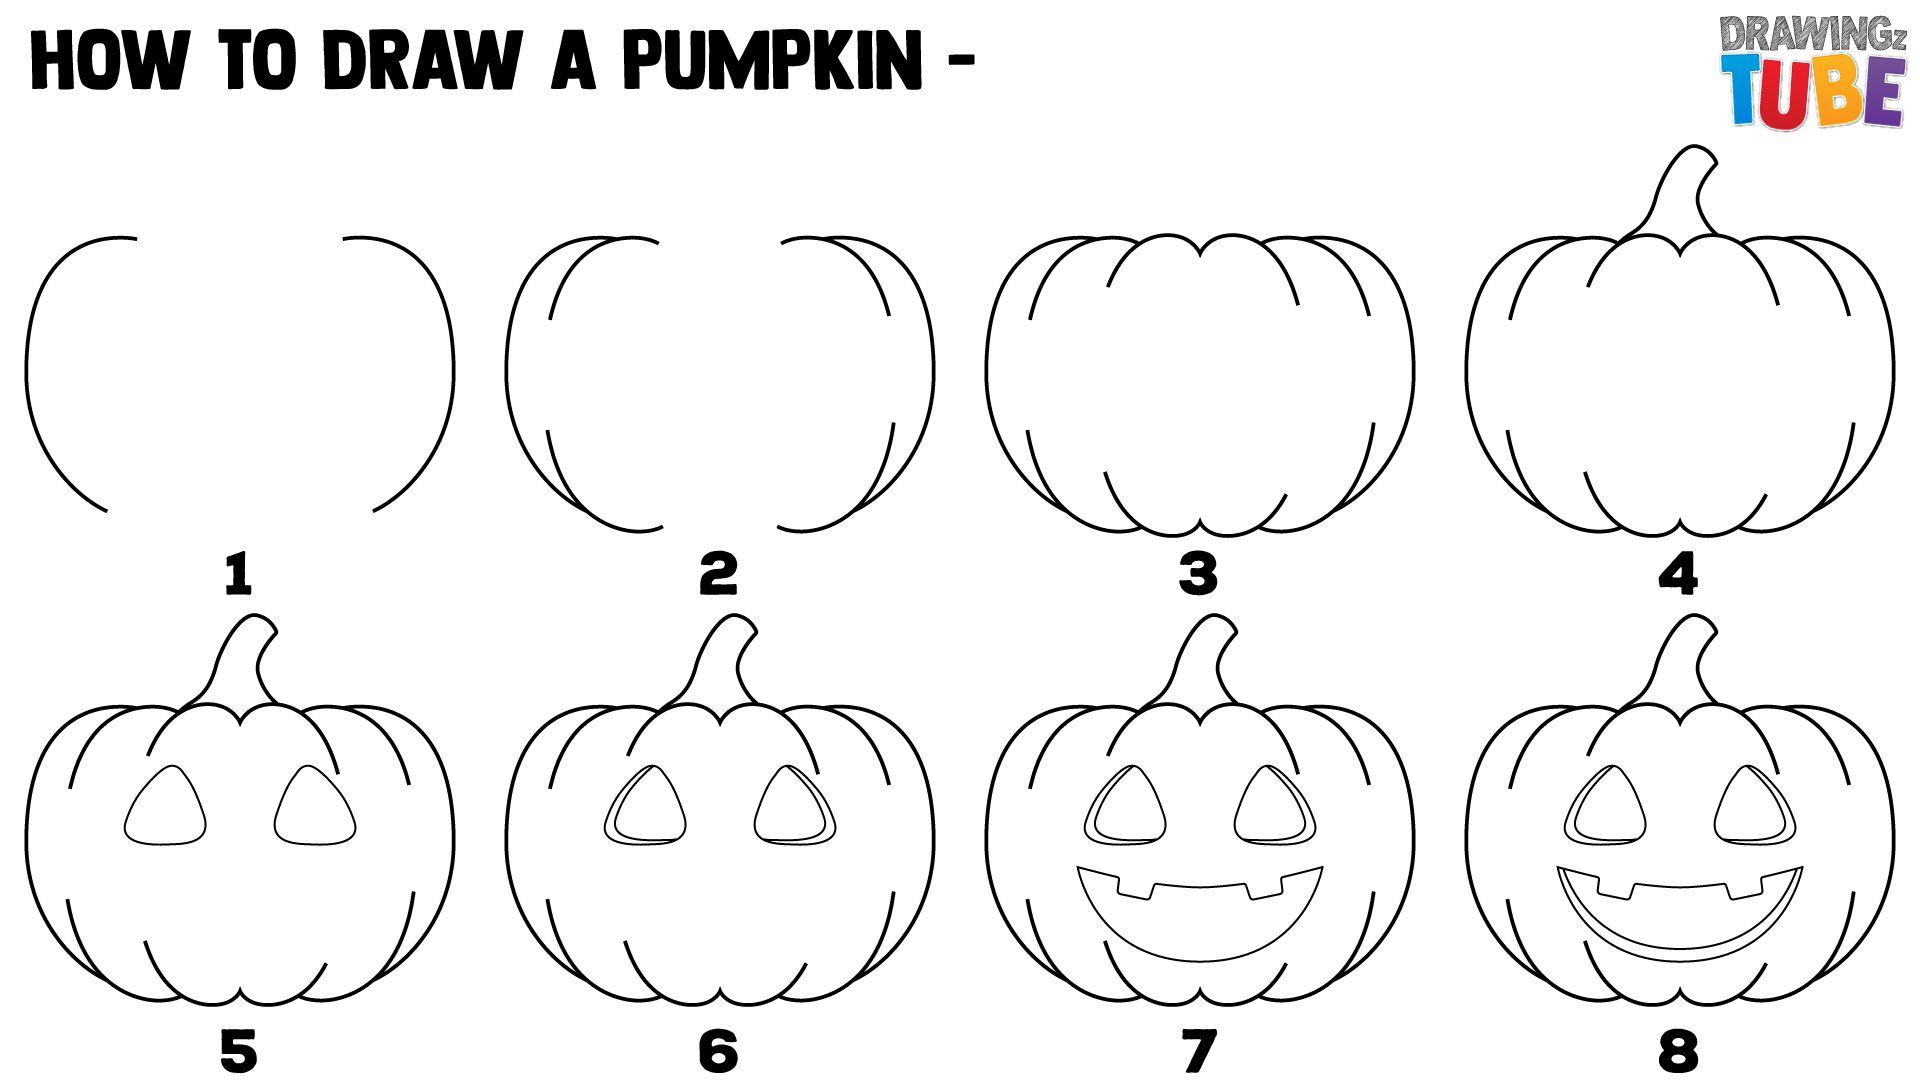 How To Draw A Halloween Pumpkin For Kids Pumpkin Drawing Halloween Doodle Pumpkin Sketch